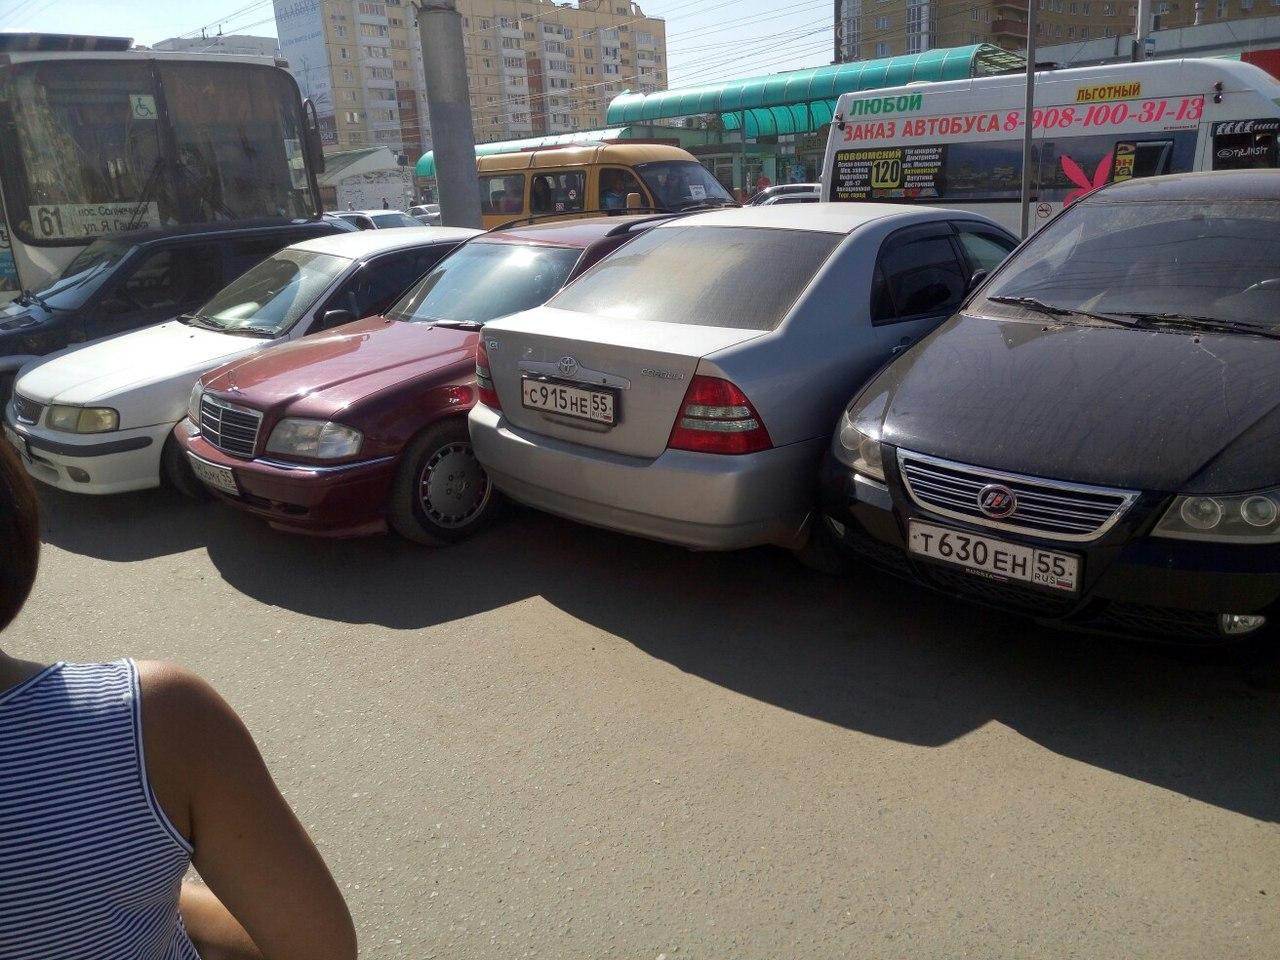 ВОмске пассажирский автобус протаранил стоящие на стоянке  автомобили